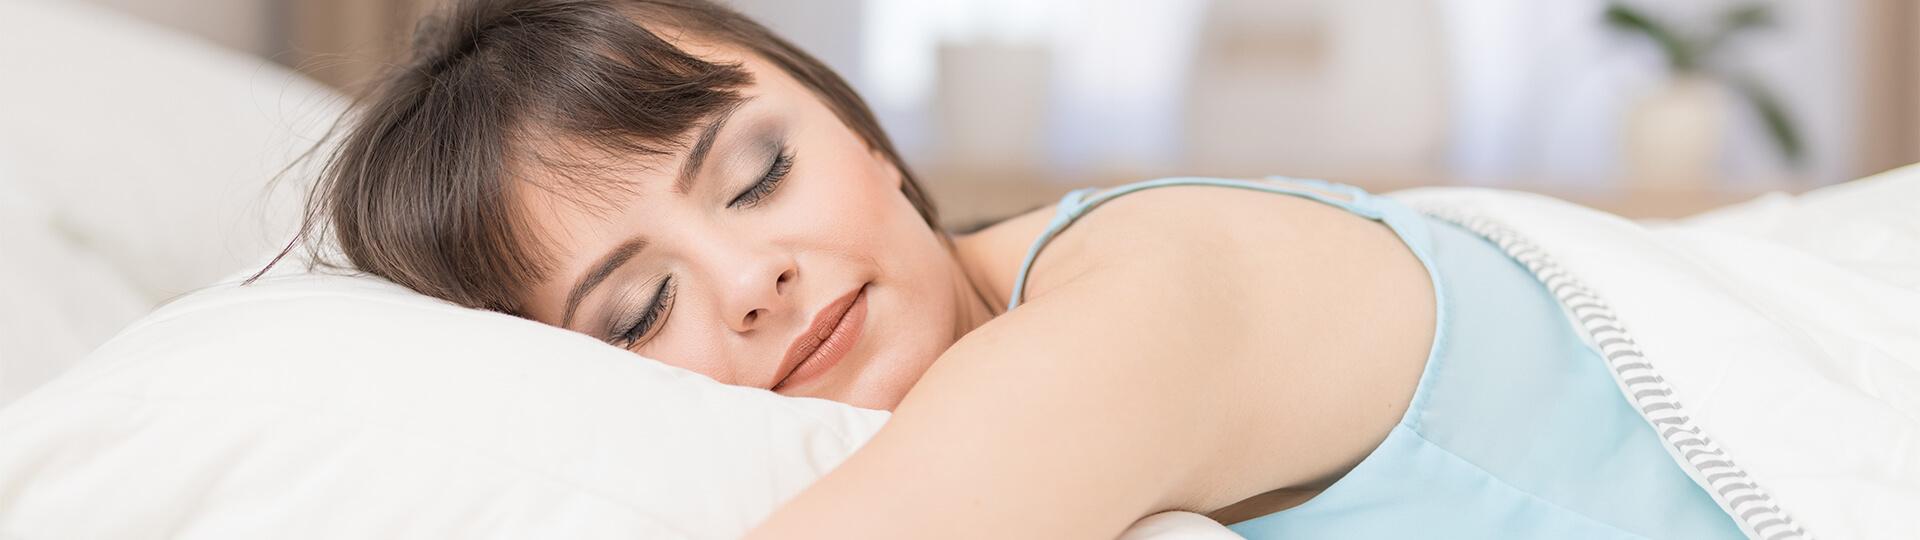 How Sleep Apnea Affects Your Body